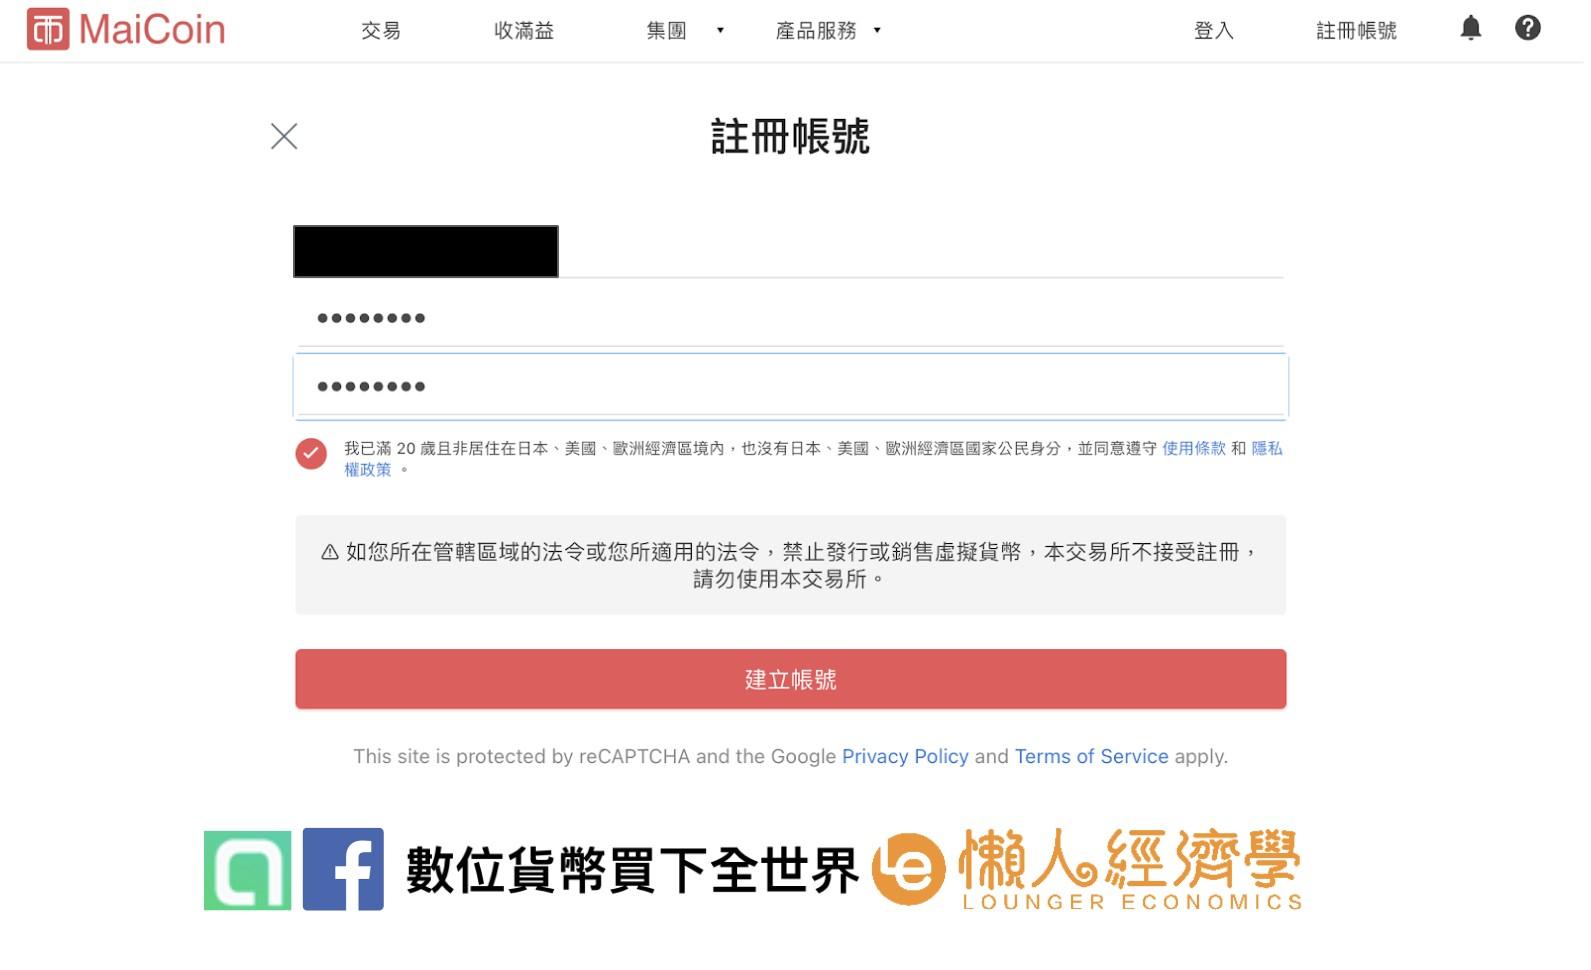 平台註冊流程:email註冊帳號